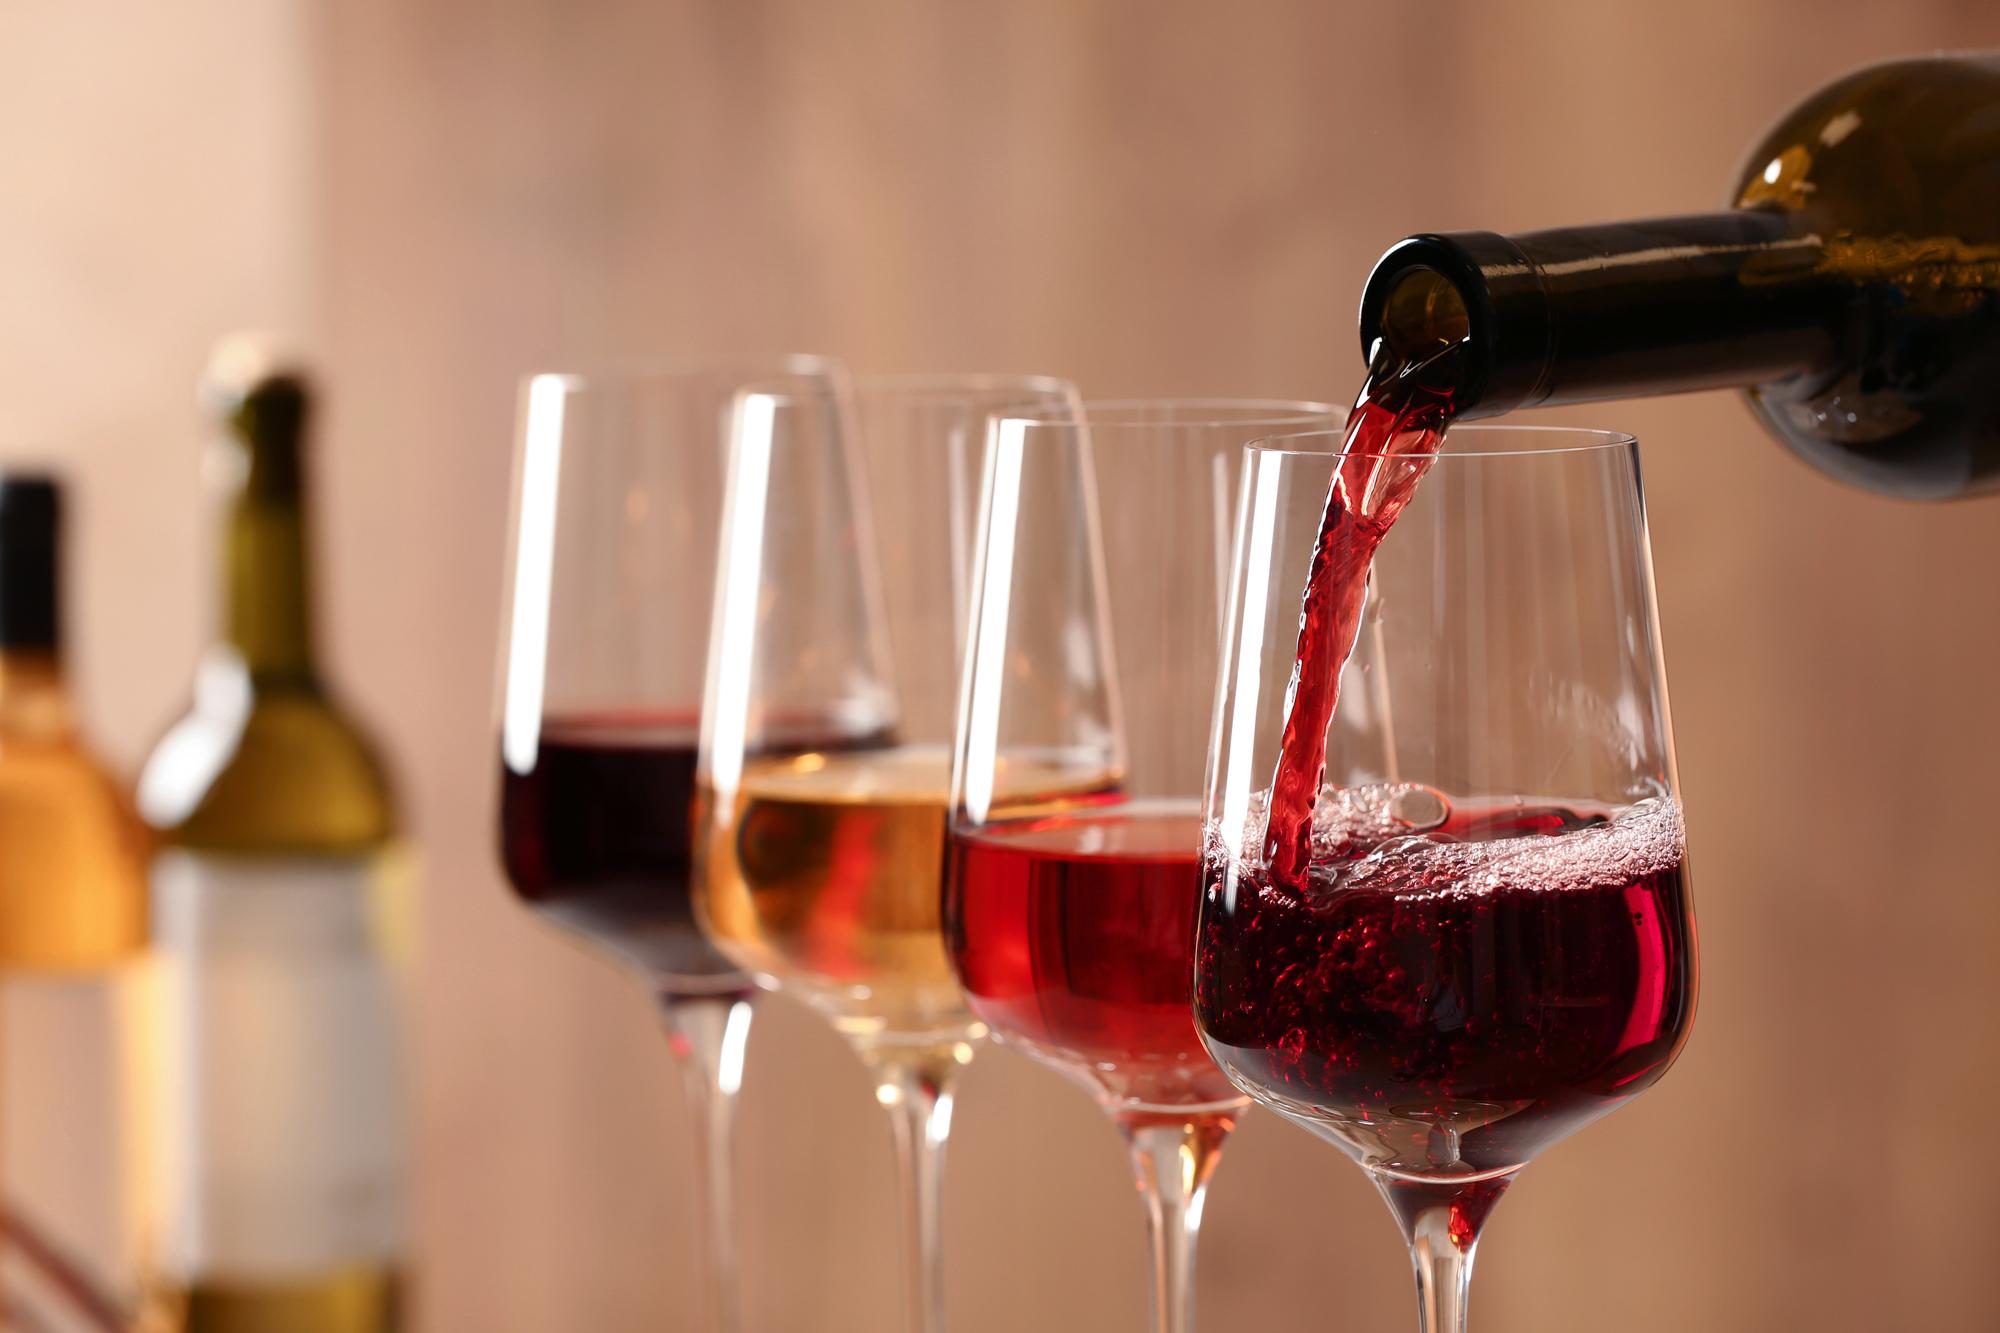 Lietuva nėra daugiausiai alkoholio suvartojanti Europos valstybė